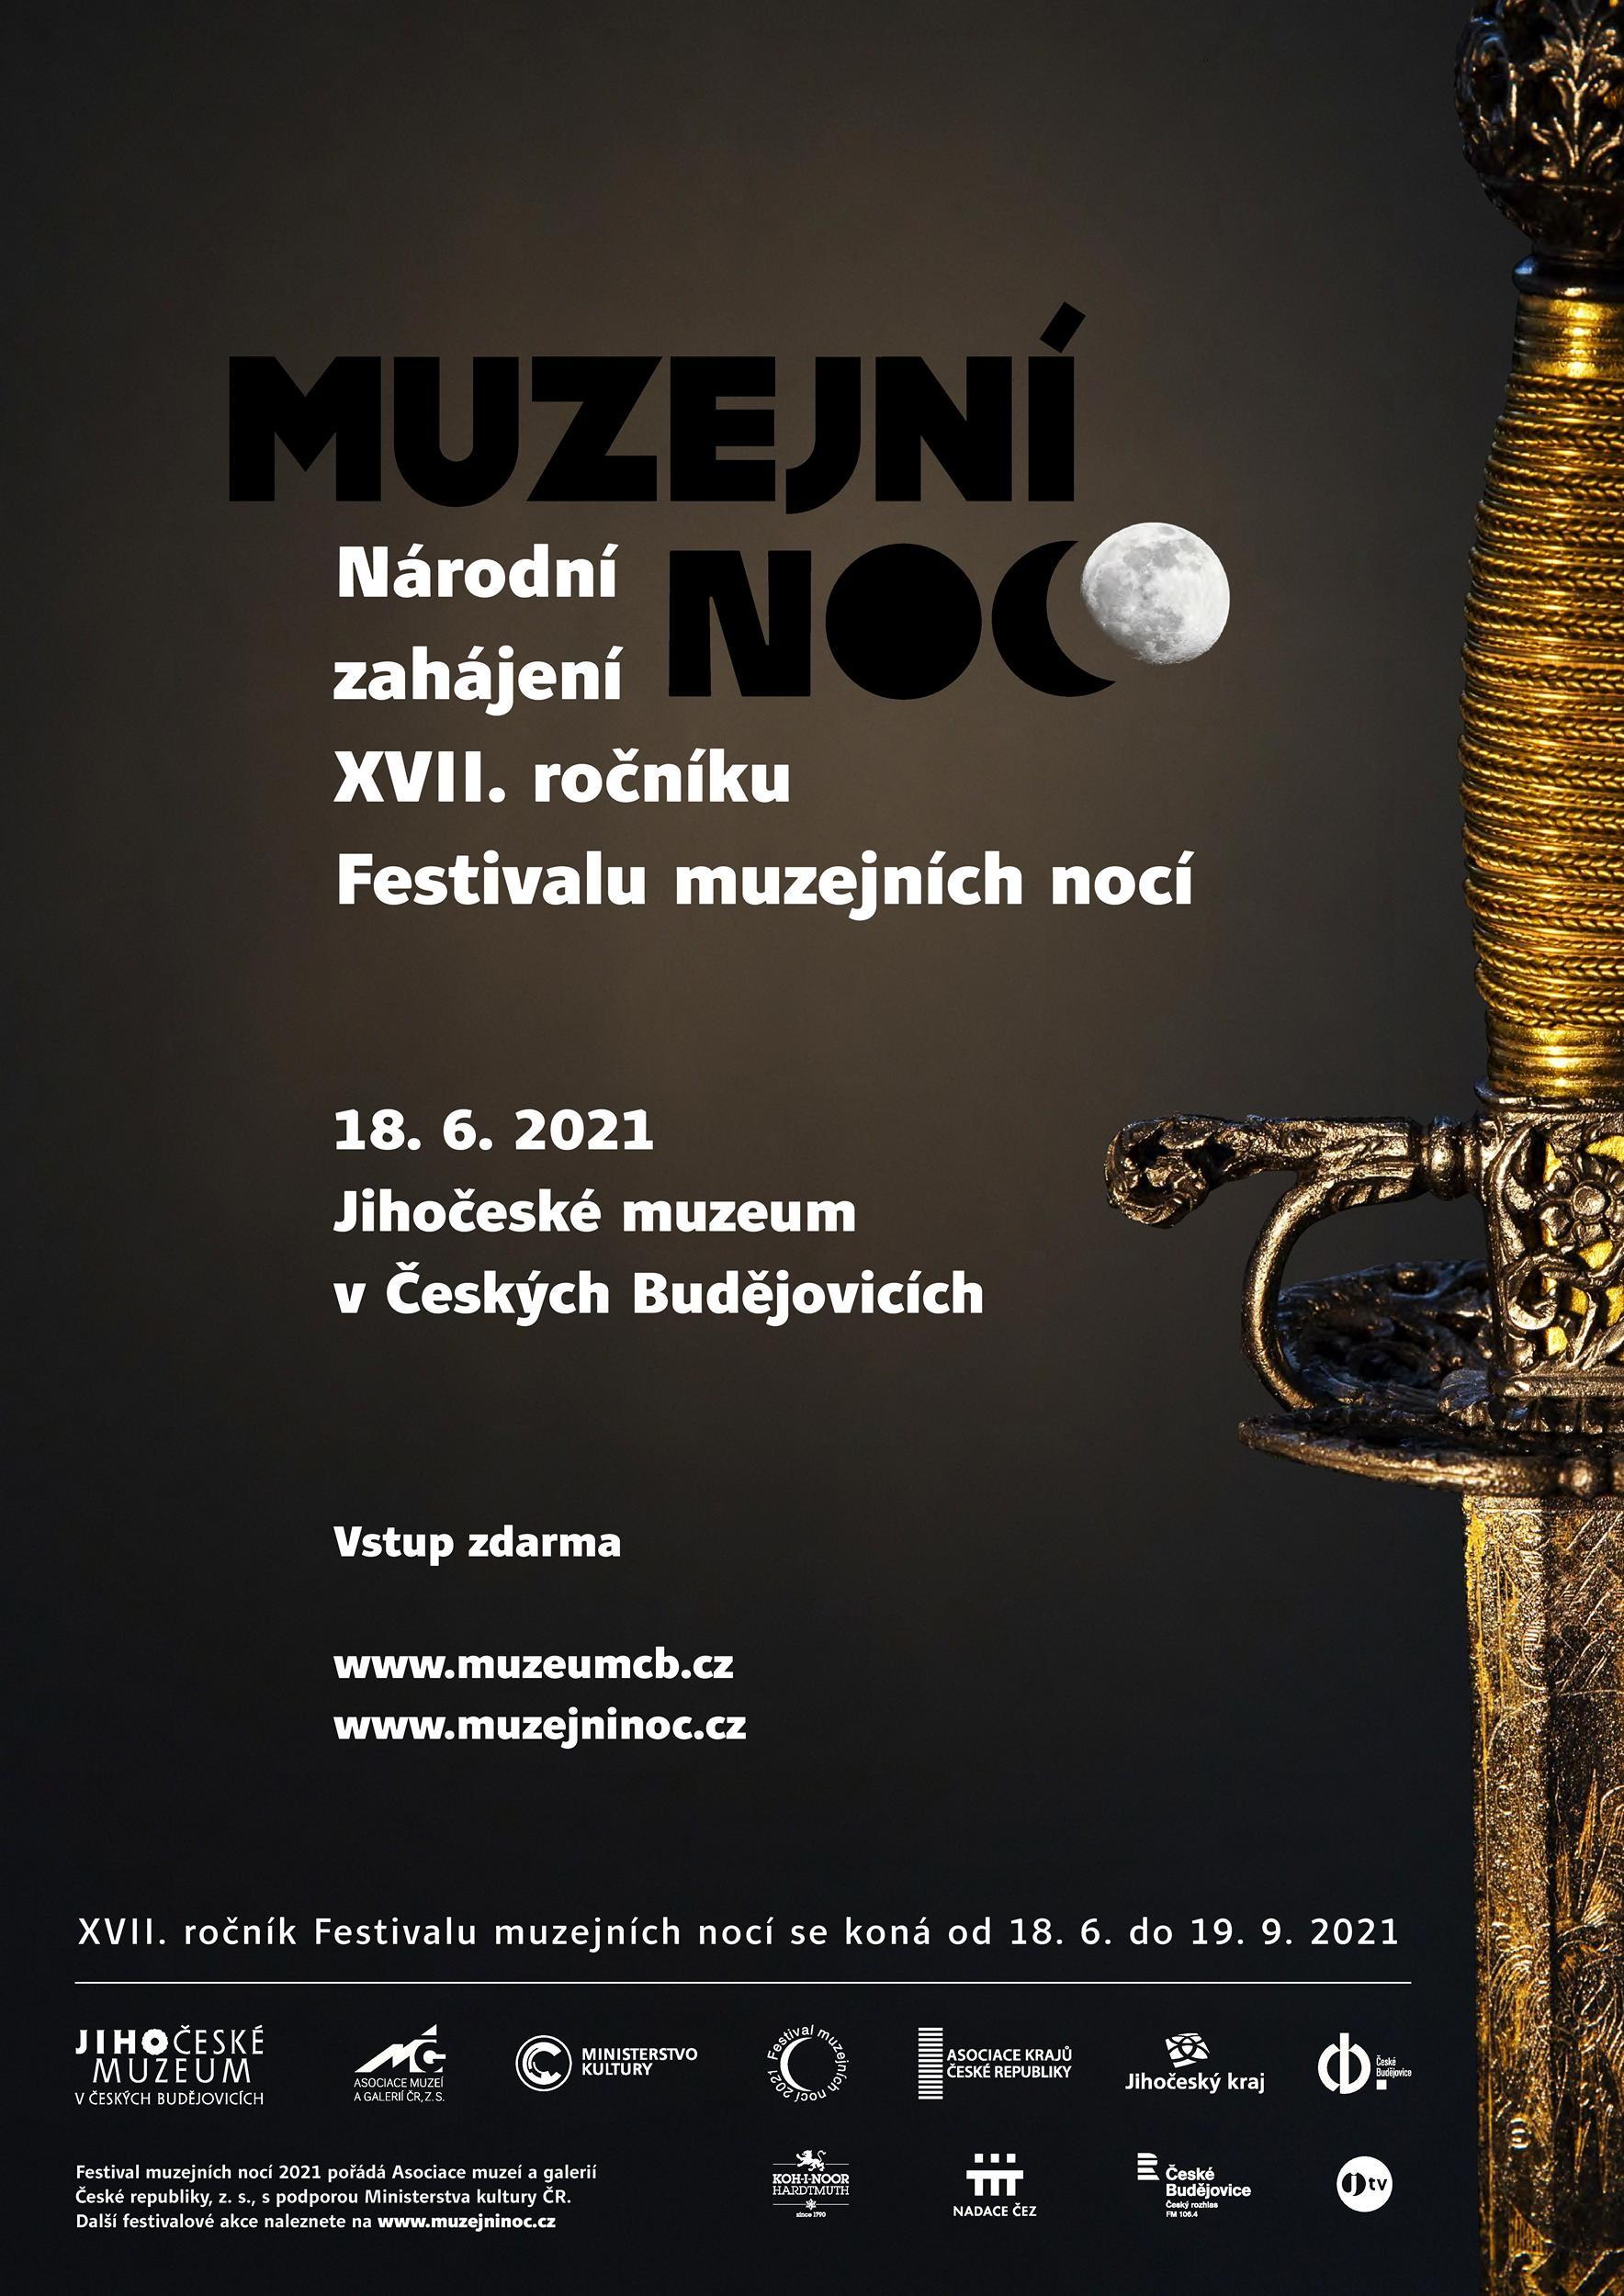 Festival muzejních nocí